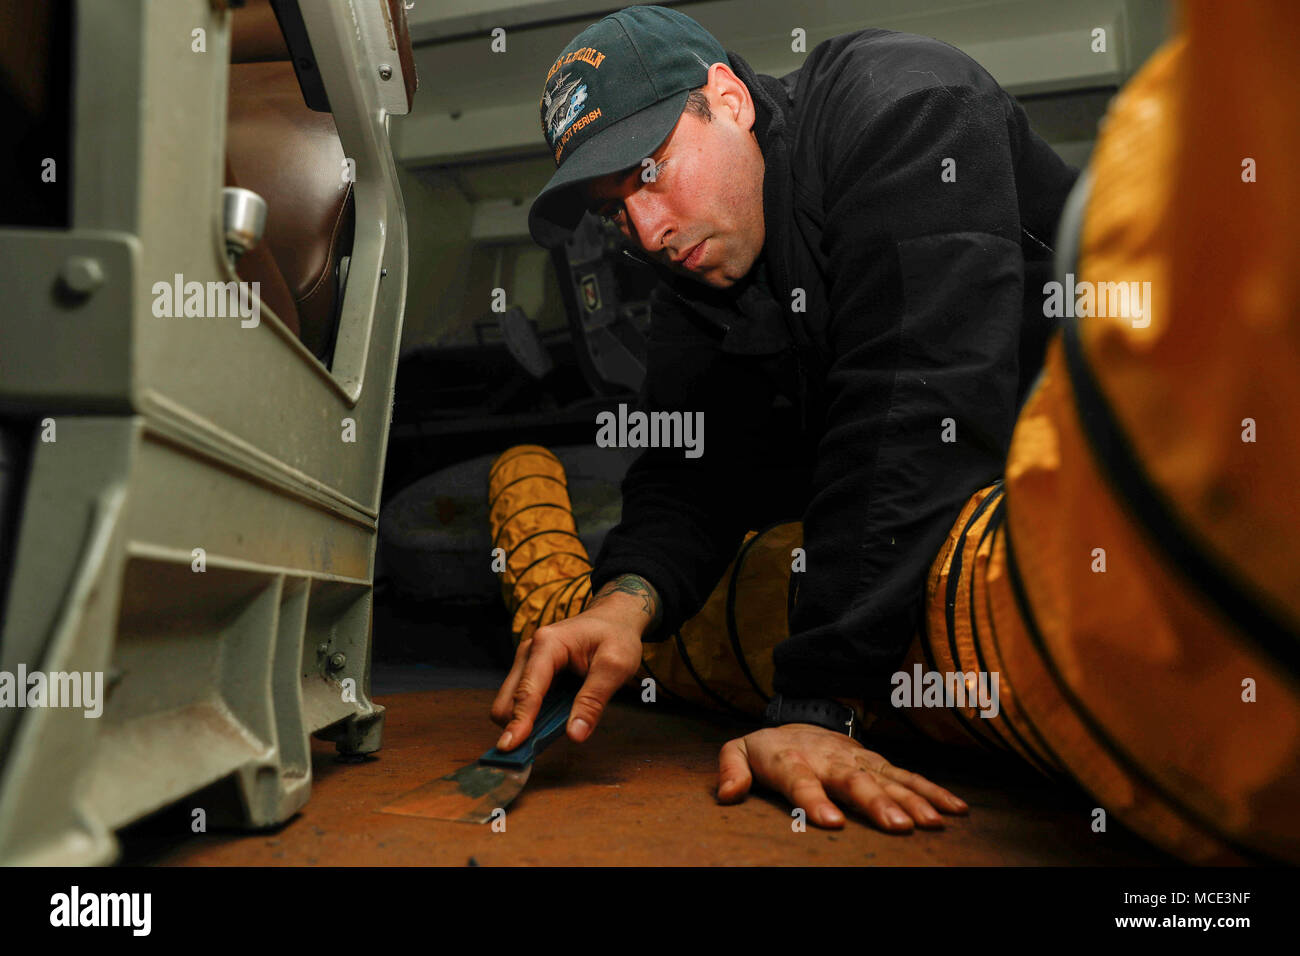 180226-N-EN 275-0022 NORFOLK (Feb. 26, 2017) Seemann Tyler Devries bereitet das Deck im Vorschiff für rutschfeste Anwendung an Bord der Nimitz-Klasse Flugzeugträger USS Abraham Lincoln (CVN 72). (U.S. Marine Foto von Mass Communication Specialist 3. Klasse Jacob Smith/Freigegeben) Stockfoto